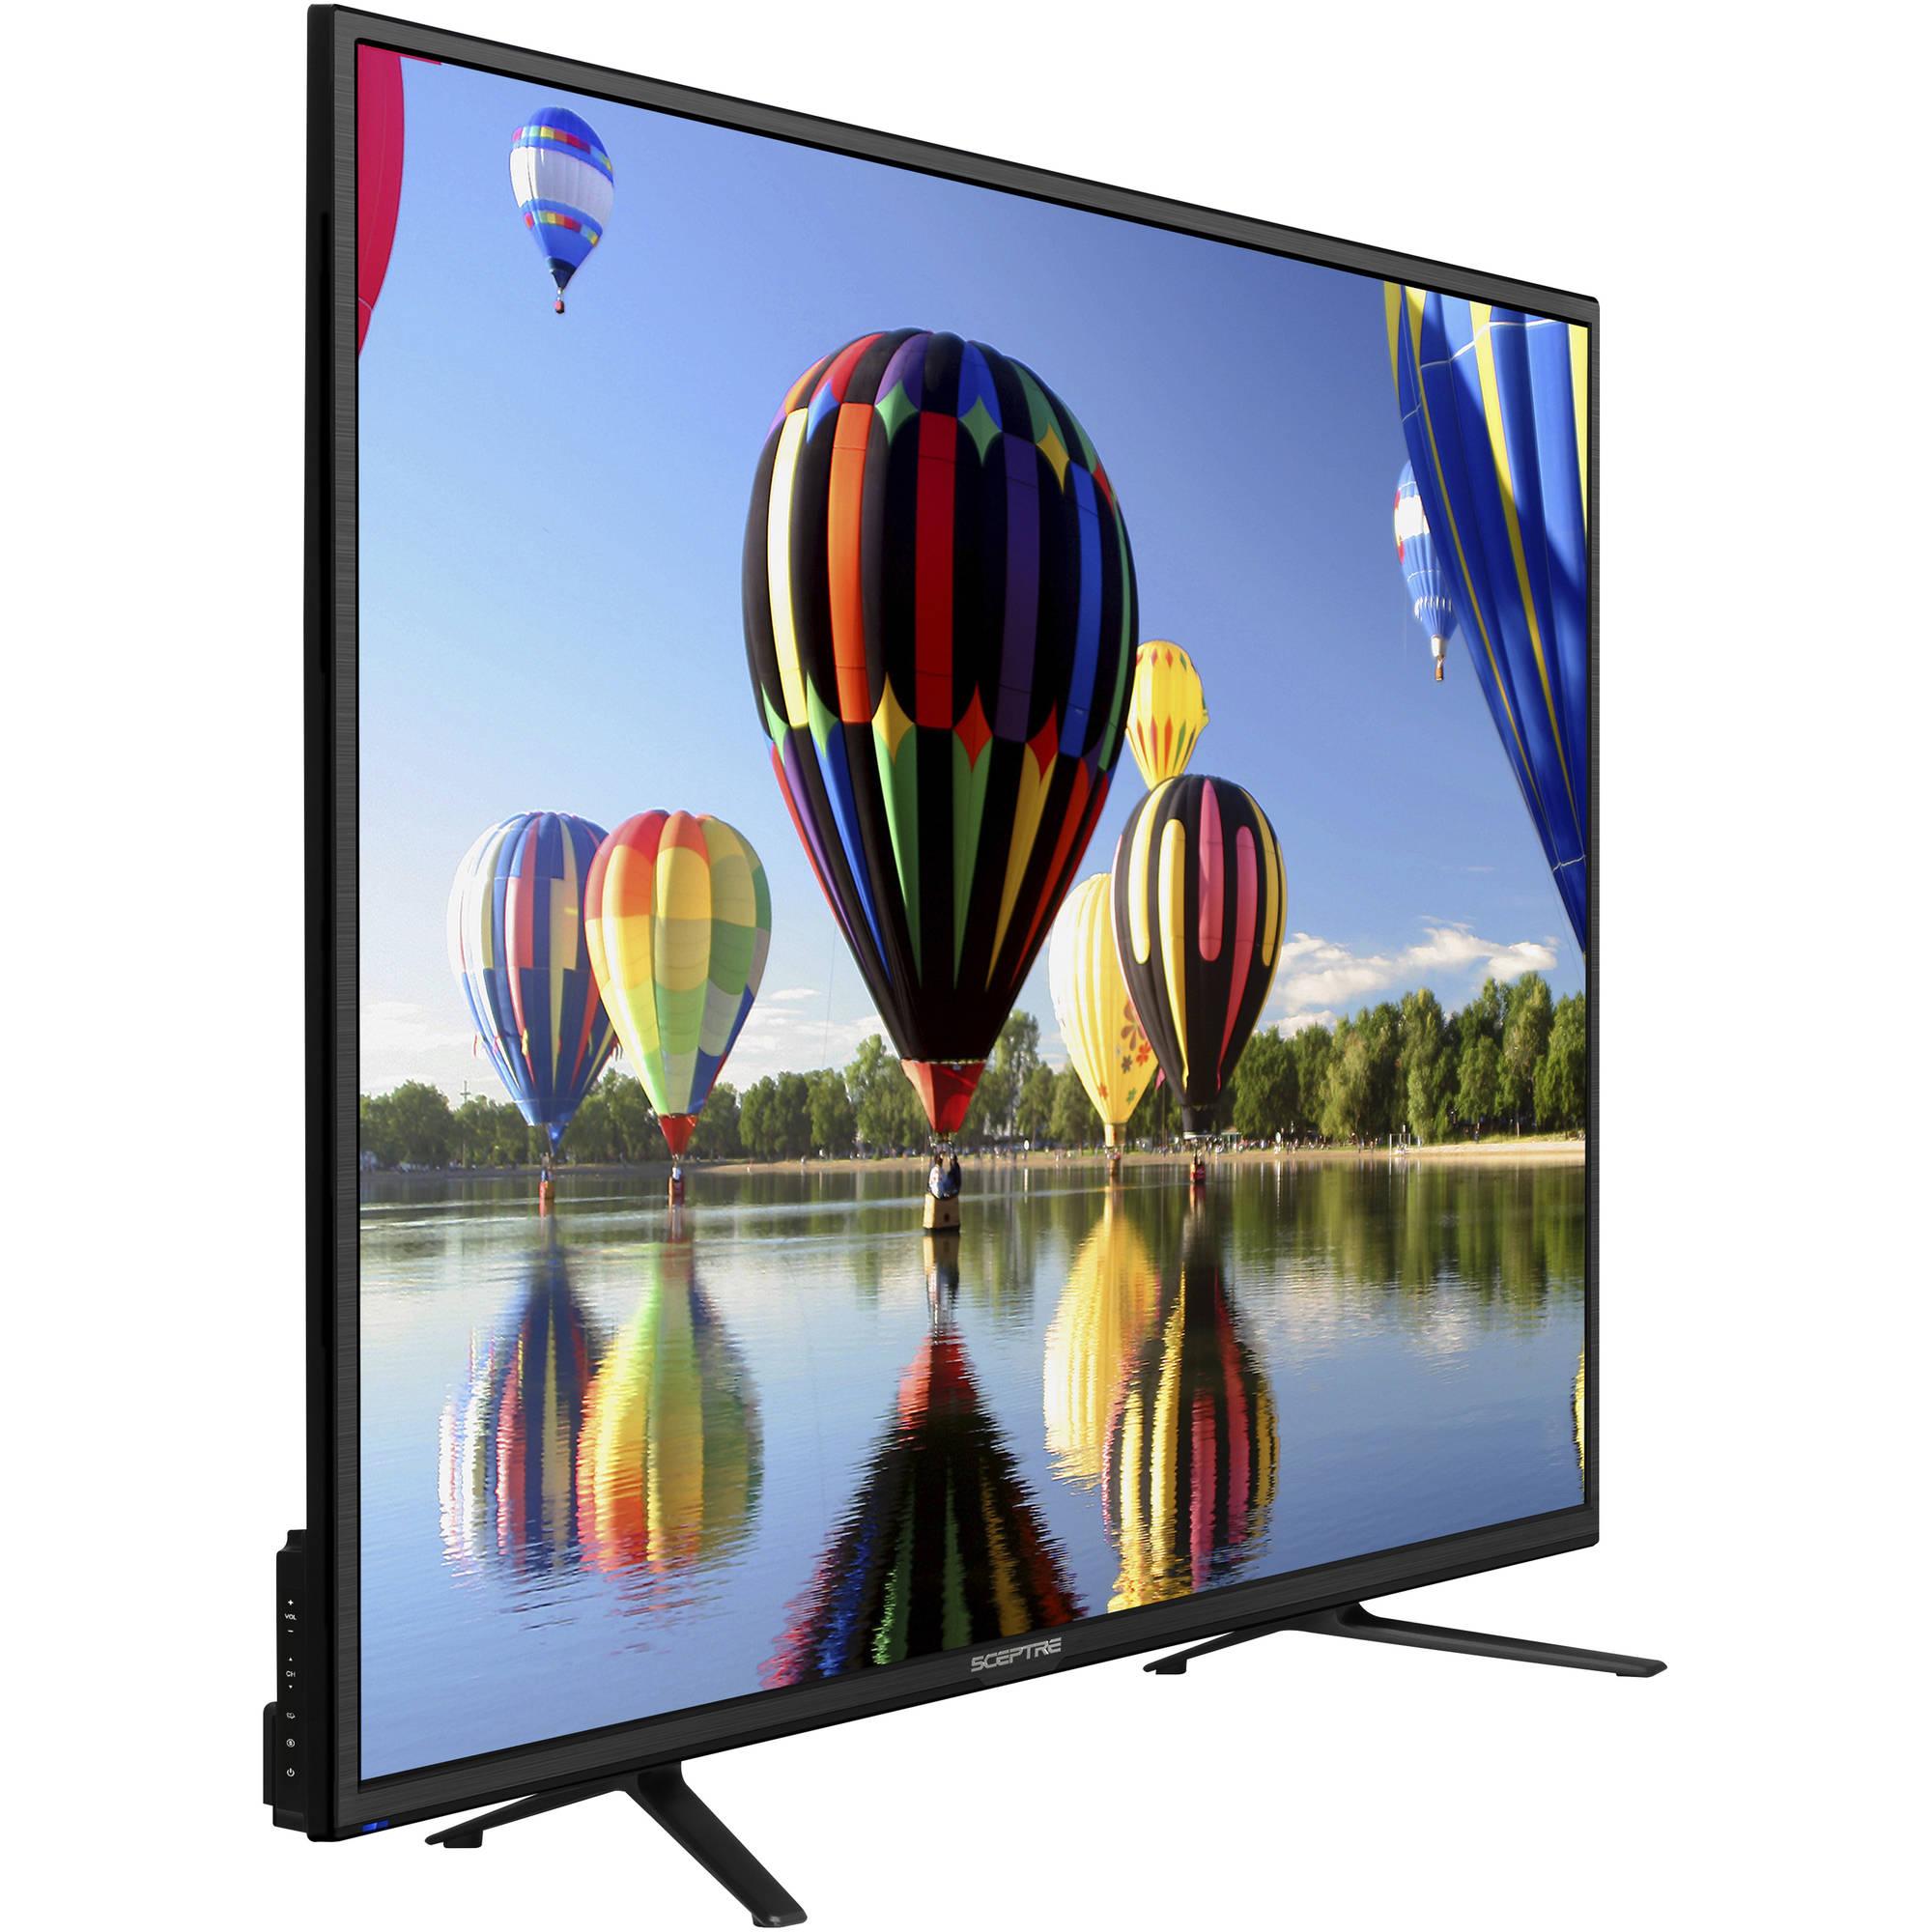 """Sceptre 43"""" Class 4K (2160P) LED TV (U435CV-U)"""